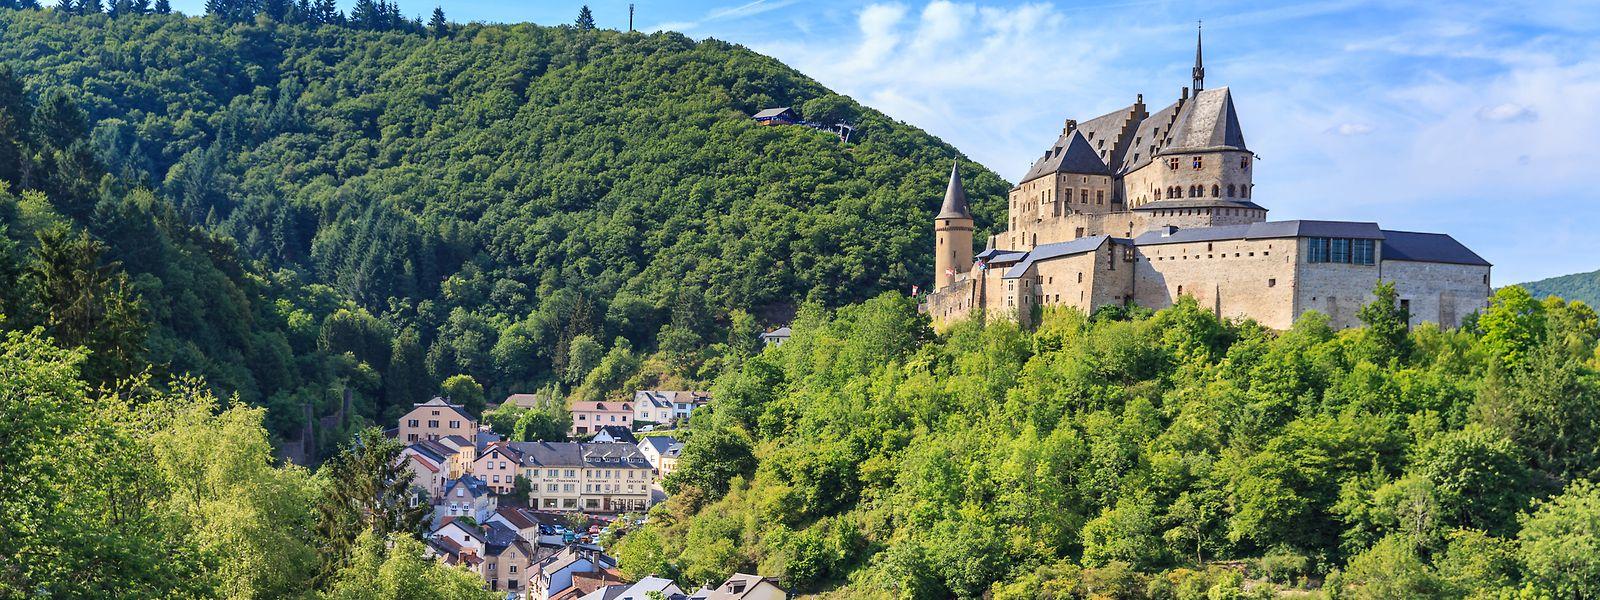 O castelo medieval de Vianden é uma das atrações turística do Grão-Ducado.